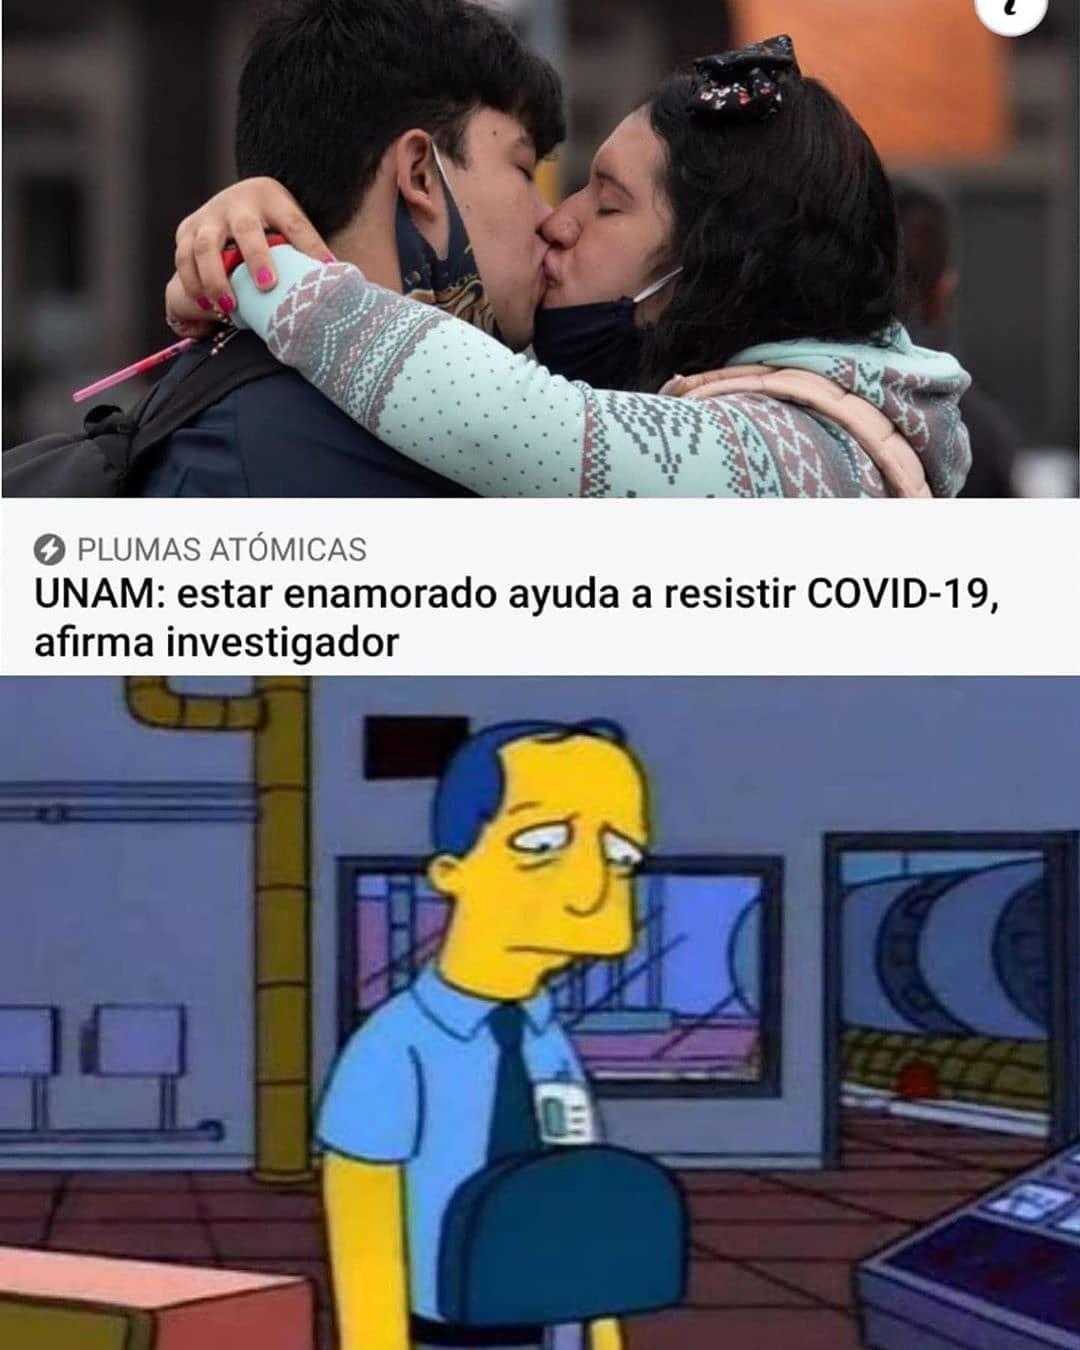 UNAM: estar enamorado ayuda a resistir COVID-19, afirma investigador.